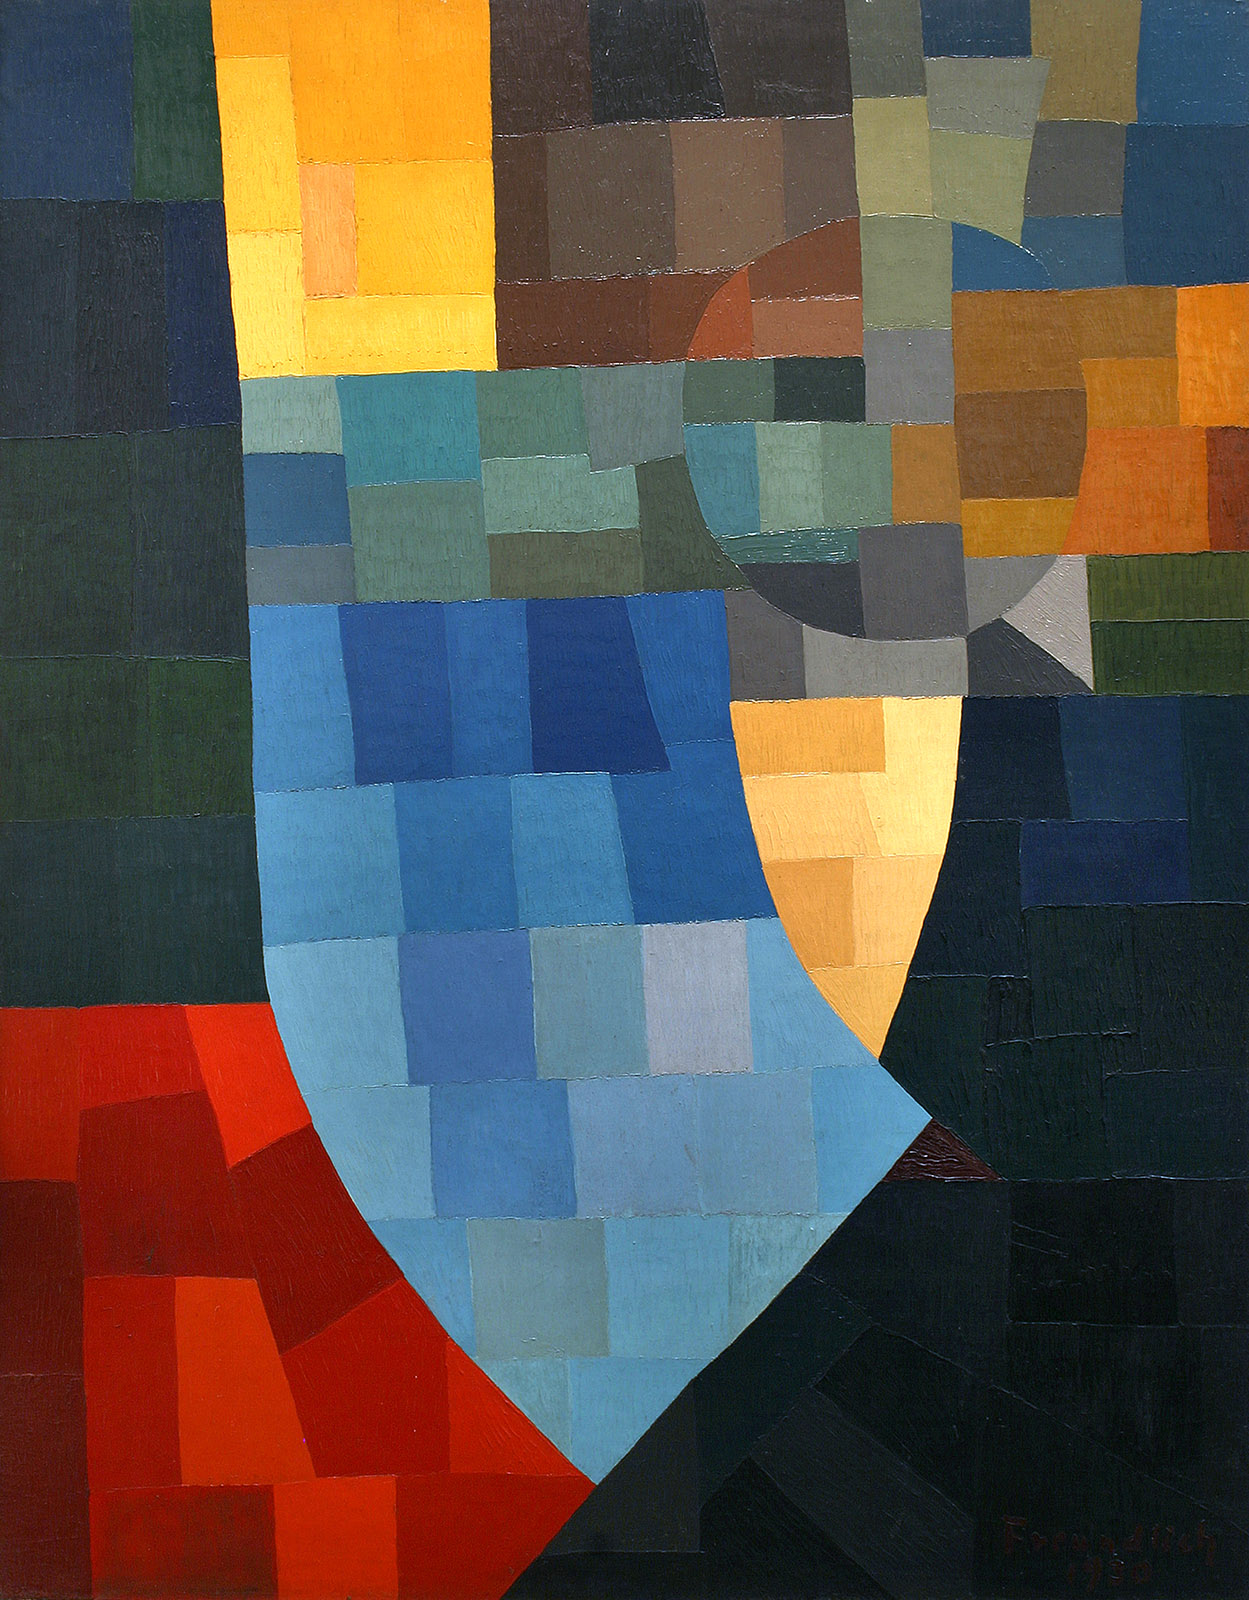 Otto Freundlich, Composition, 1930 Huile sur toile marouflée sur contreplaqué, 147 x 113 cm Musée de Pontoise, Donation Freundlich © Musée de Pontoise